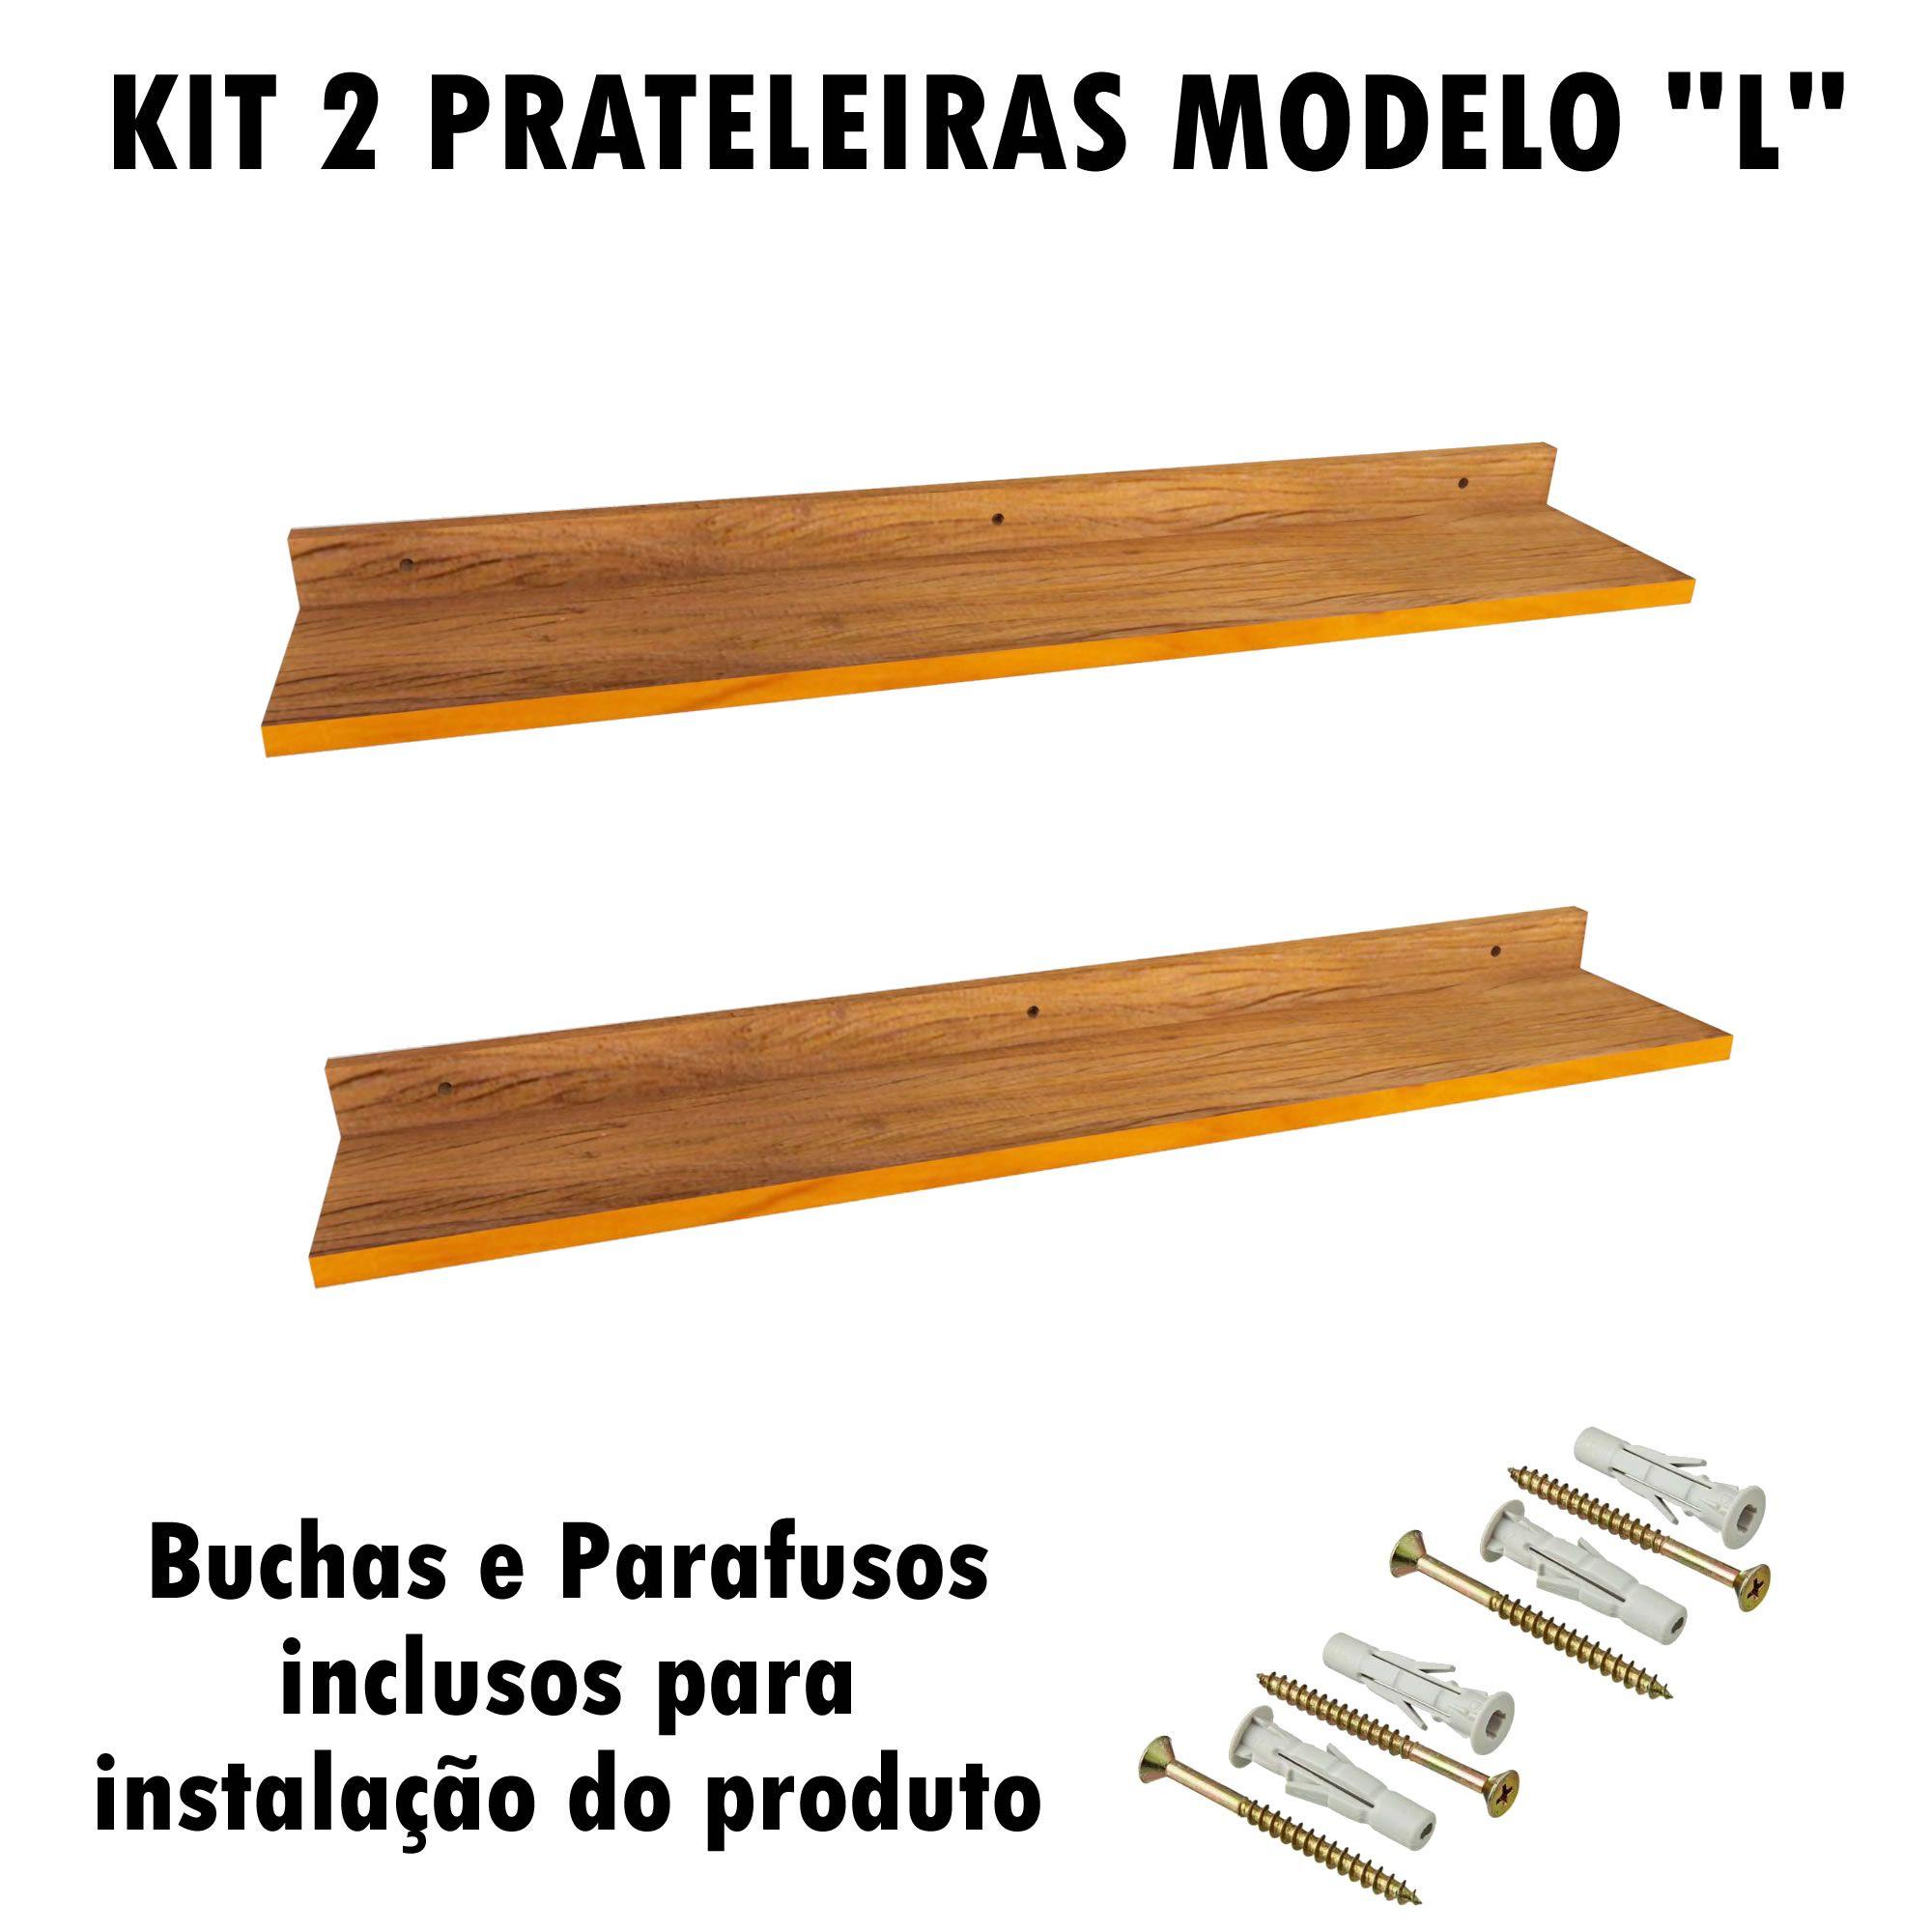 Kit 2 Prateleira Modelo L Madeira De Demolição Livros Fácil Instalação 90x15x5